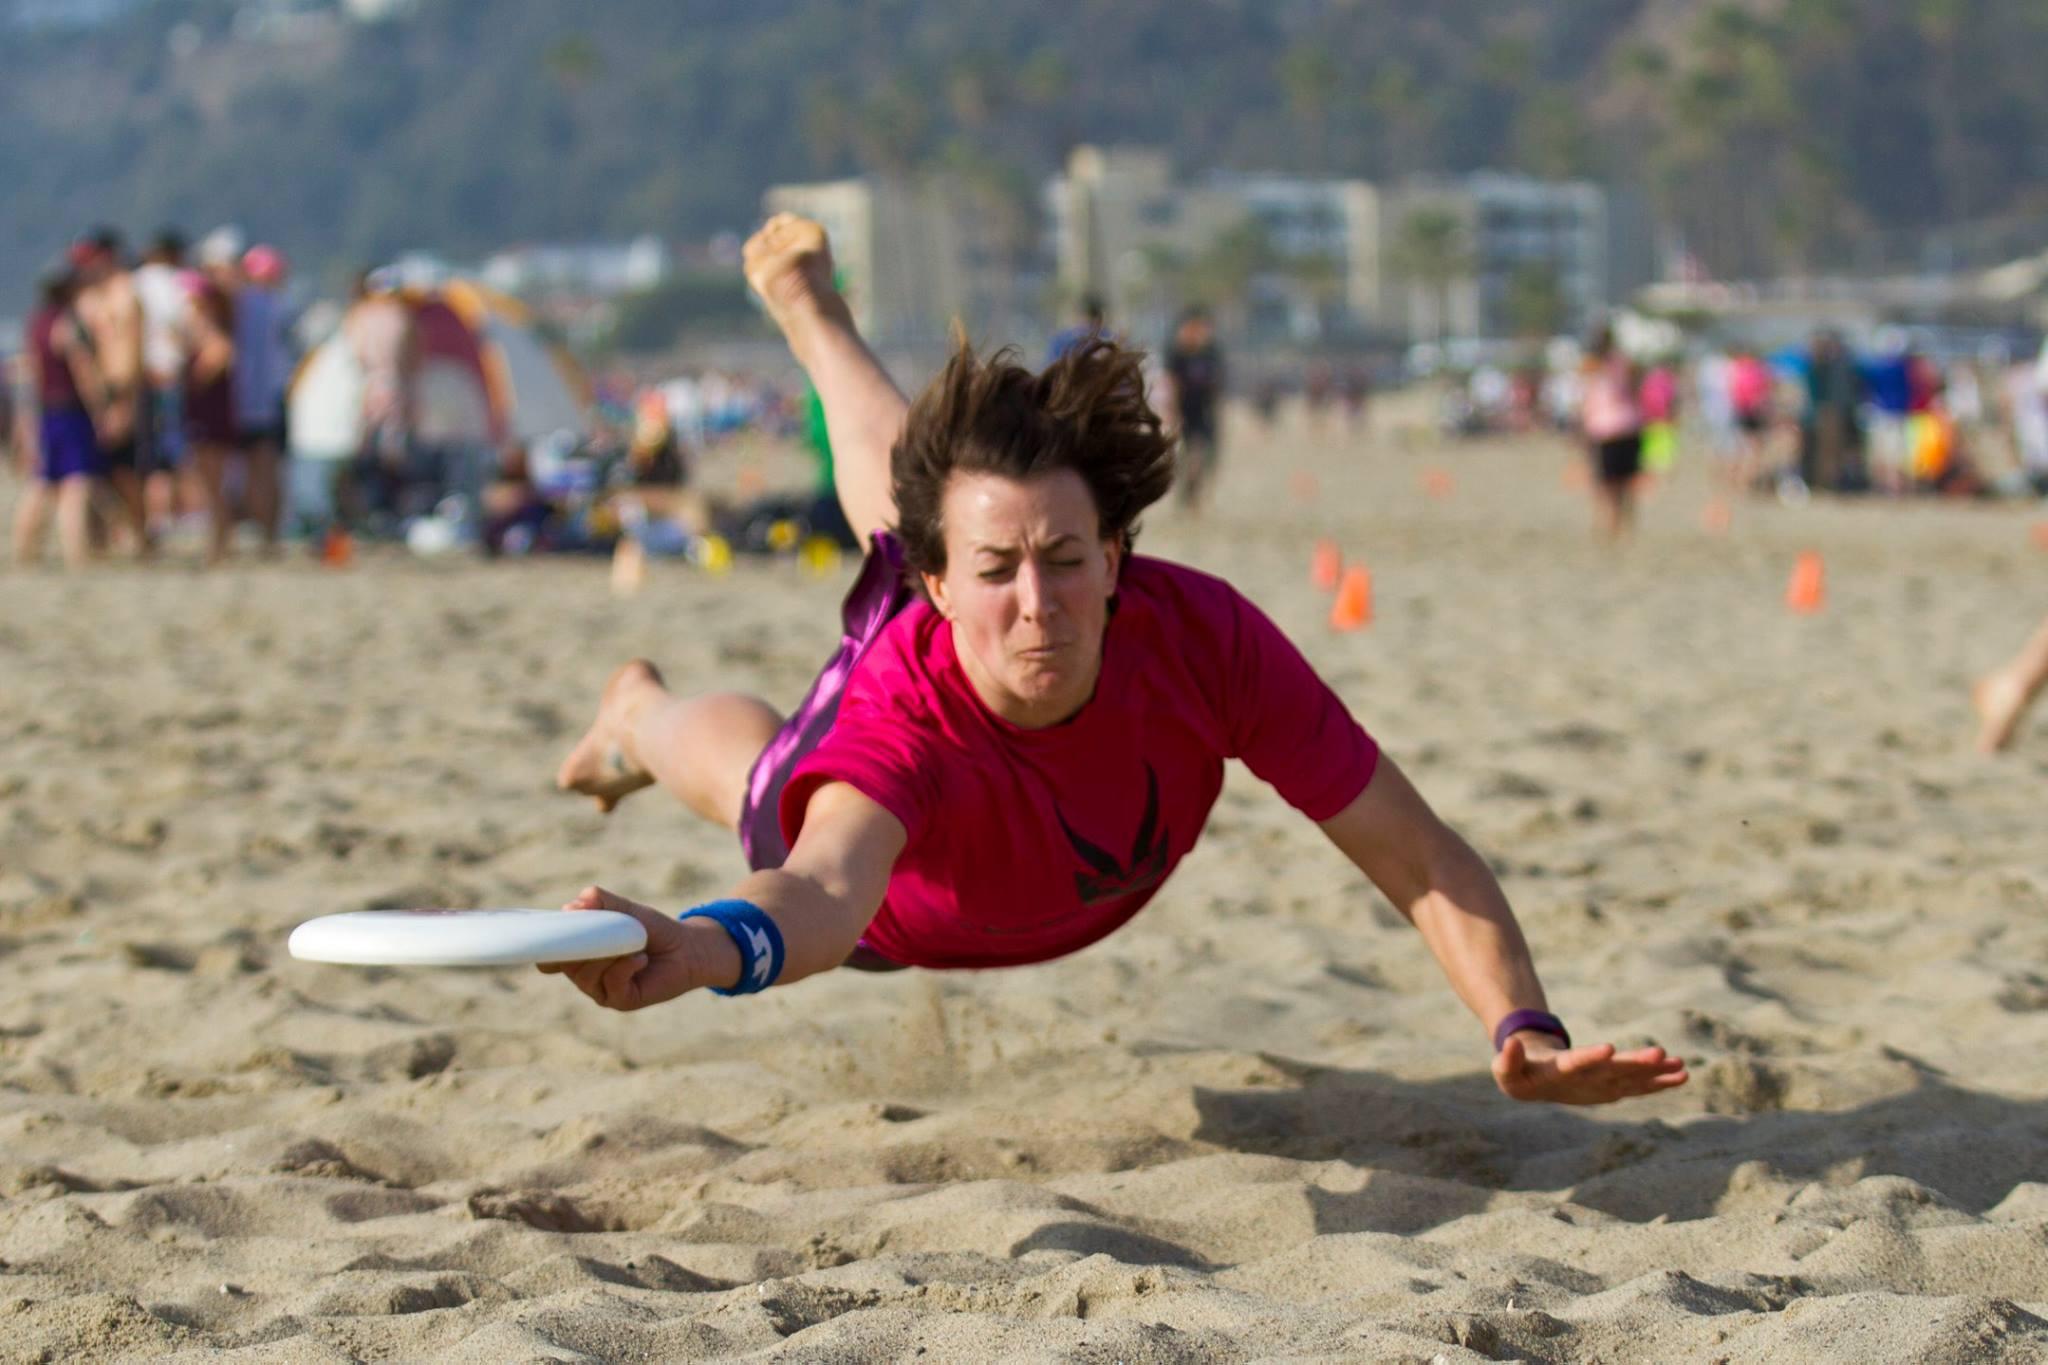 Liz playing ultimate frisbee.